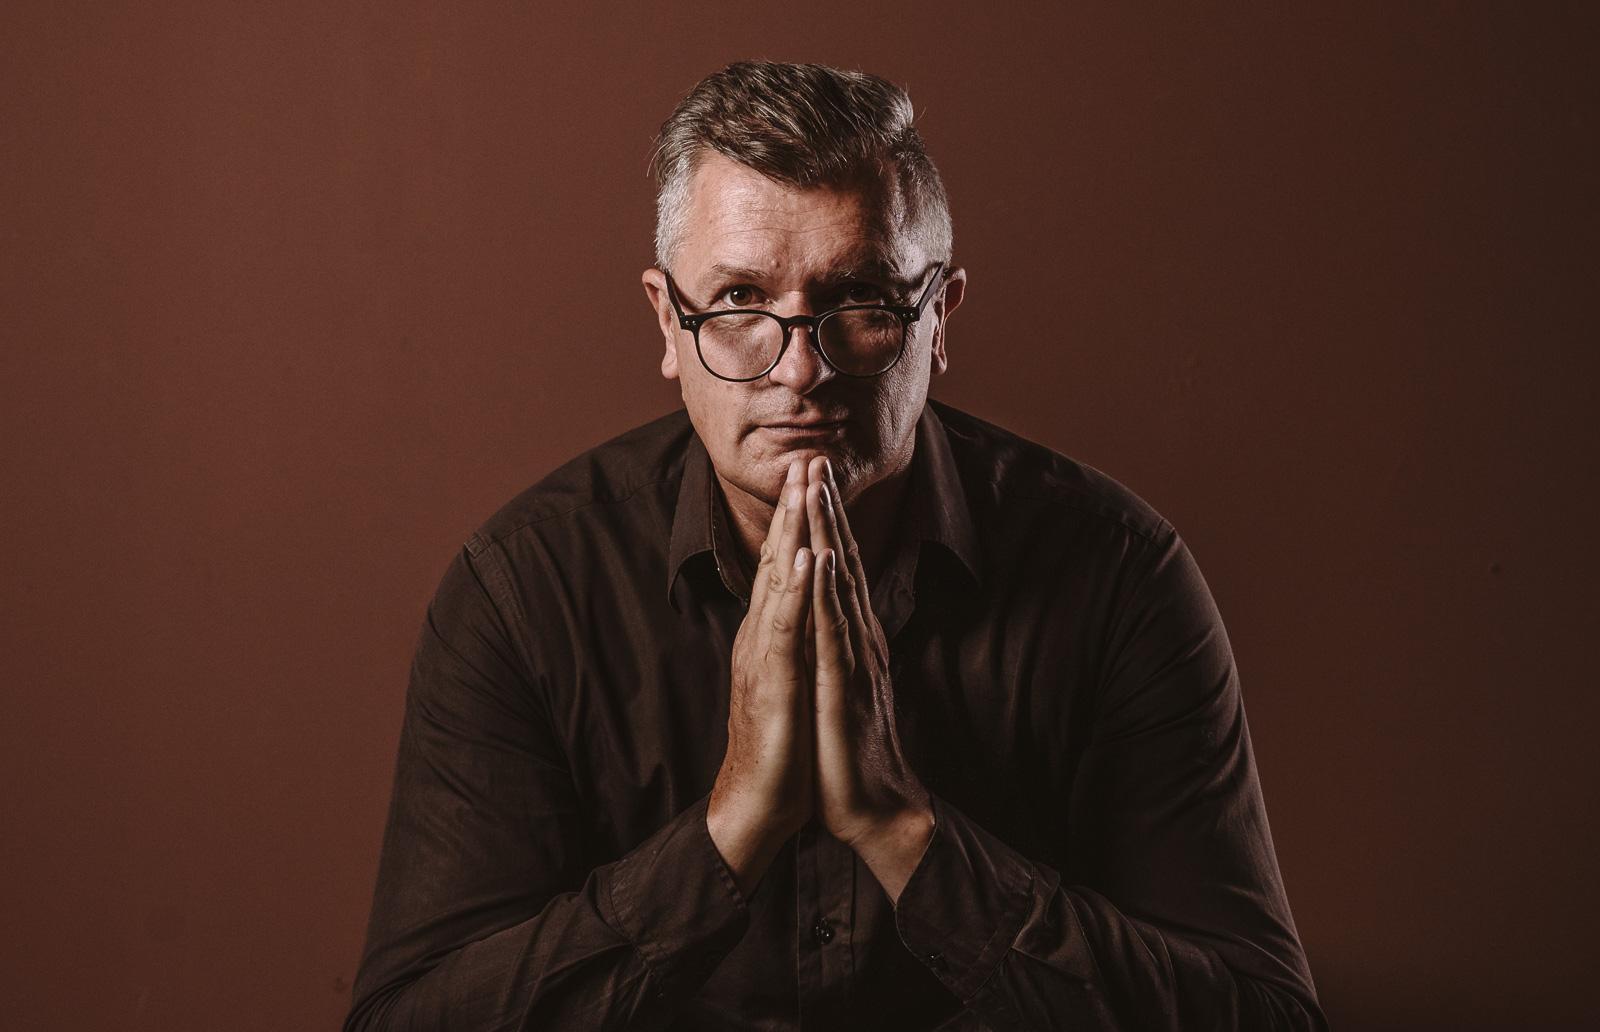 Porträtshooting - Gilbert Köhne vom Konzeptstore Herzblut hört aufmerksam zu